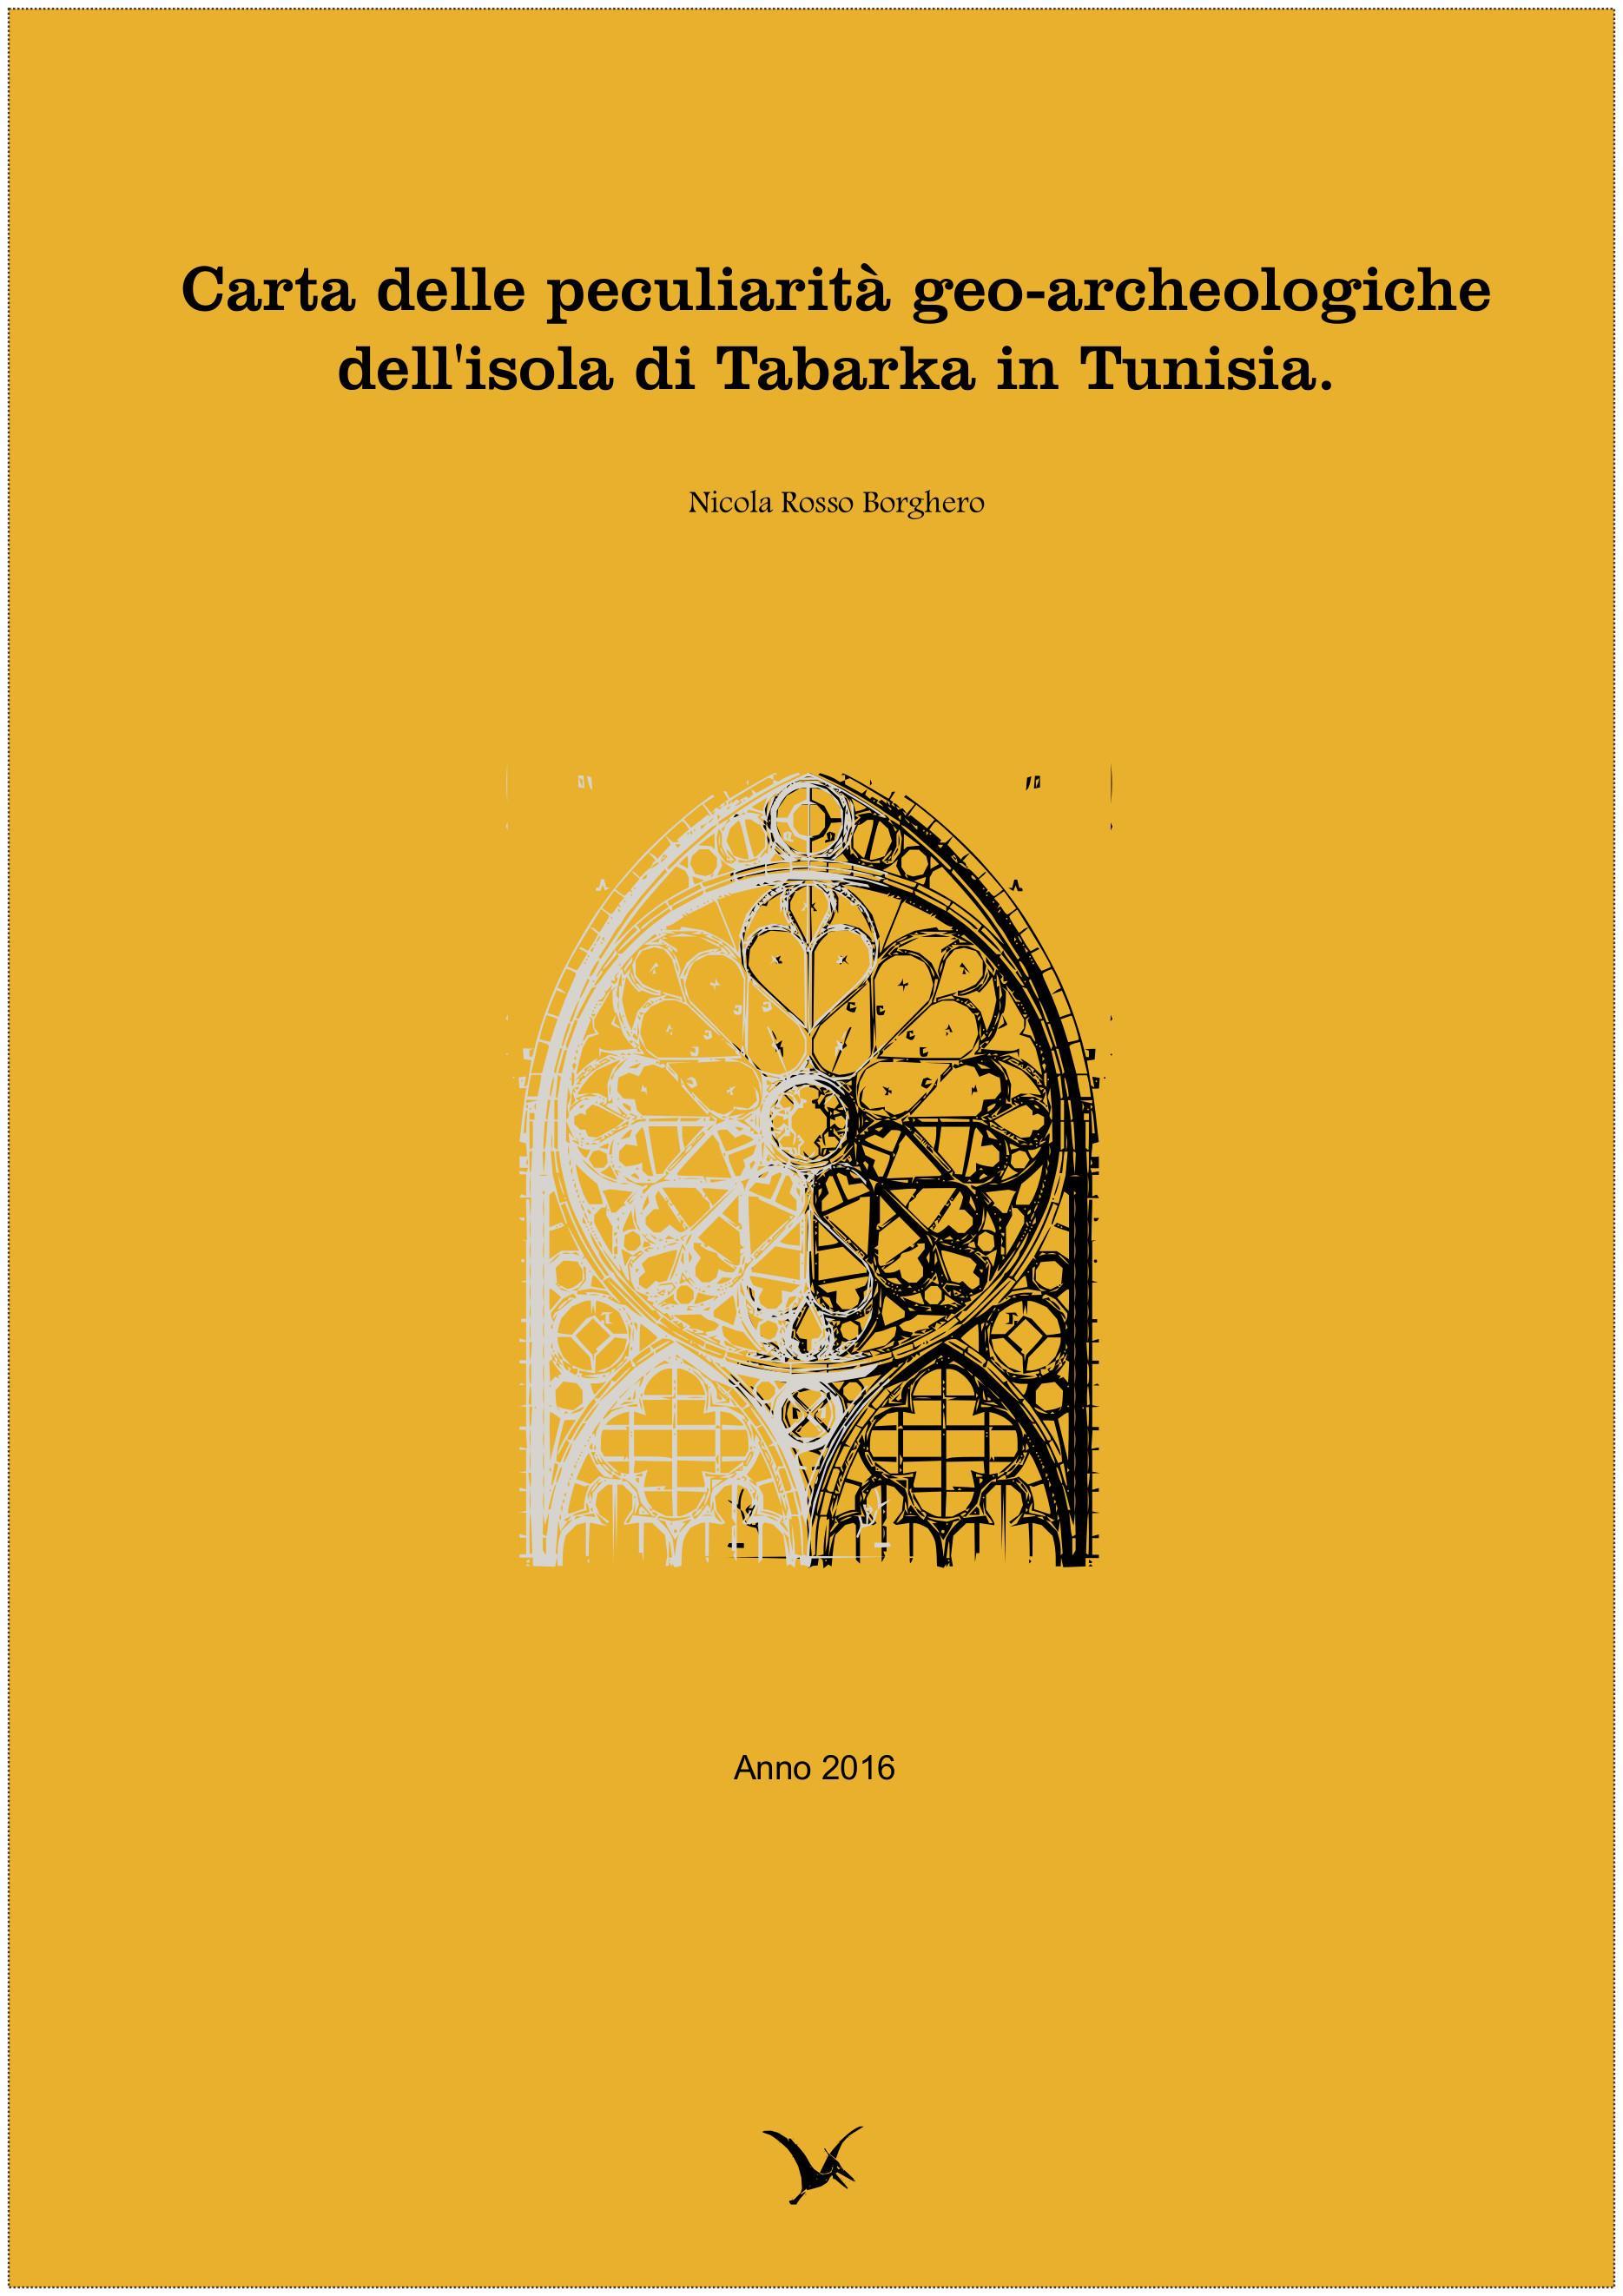 Carta delle peculiarità geo-archeologiche dell'isola di Tabarka in Tunisia